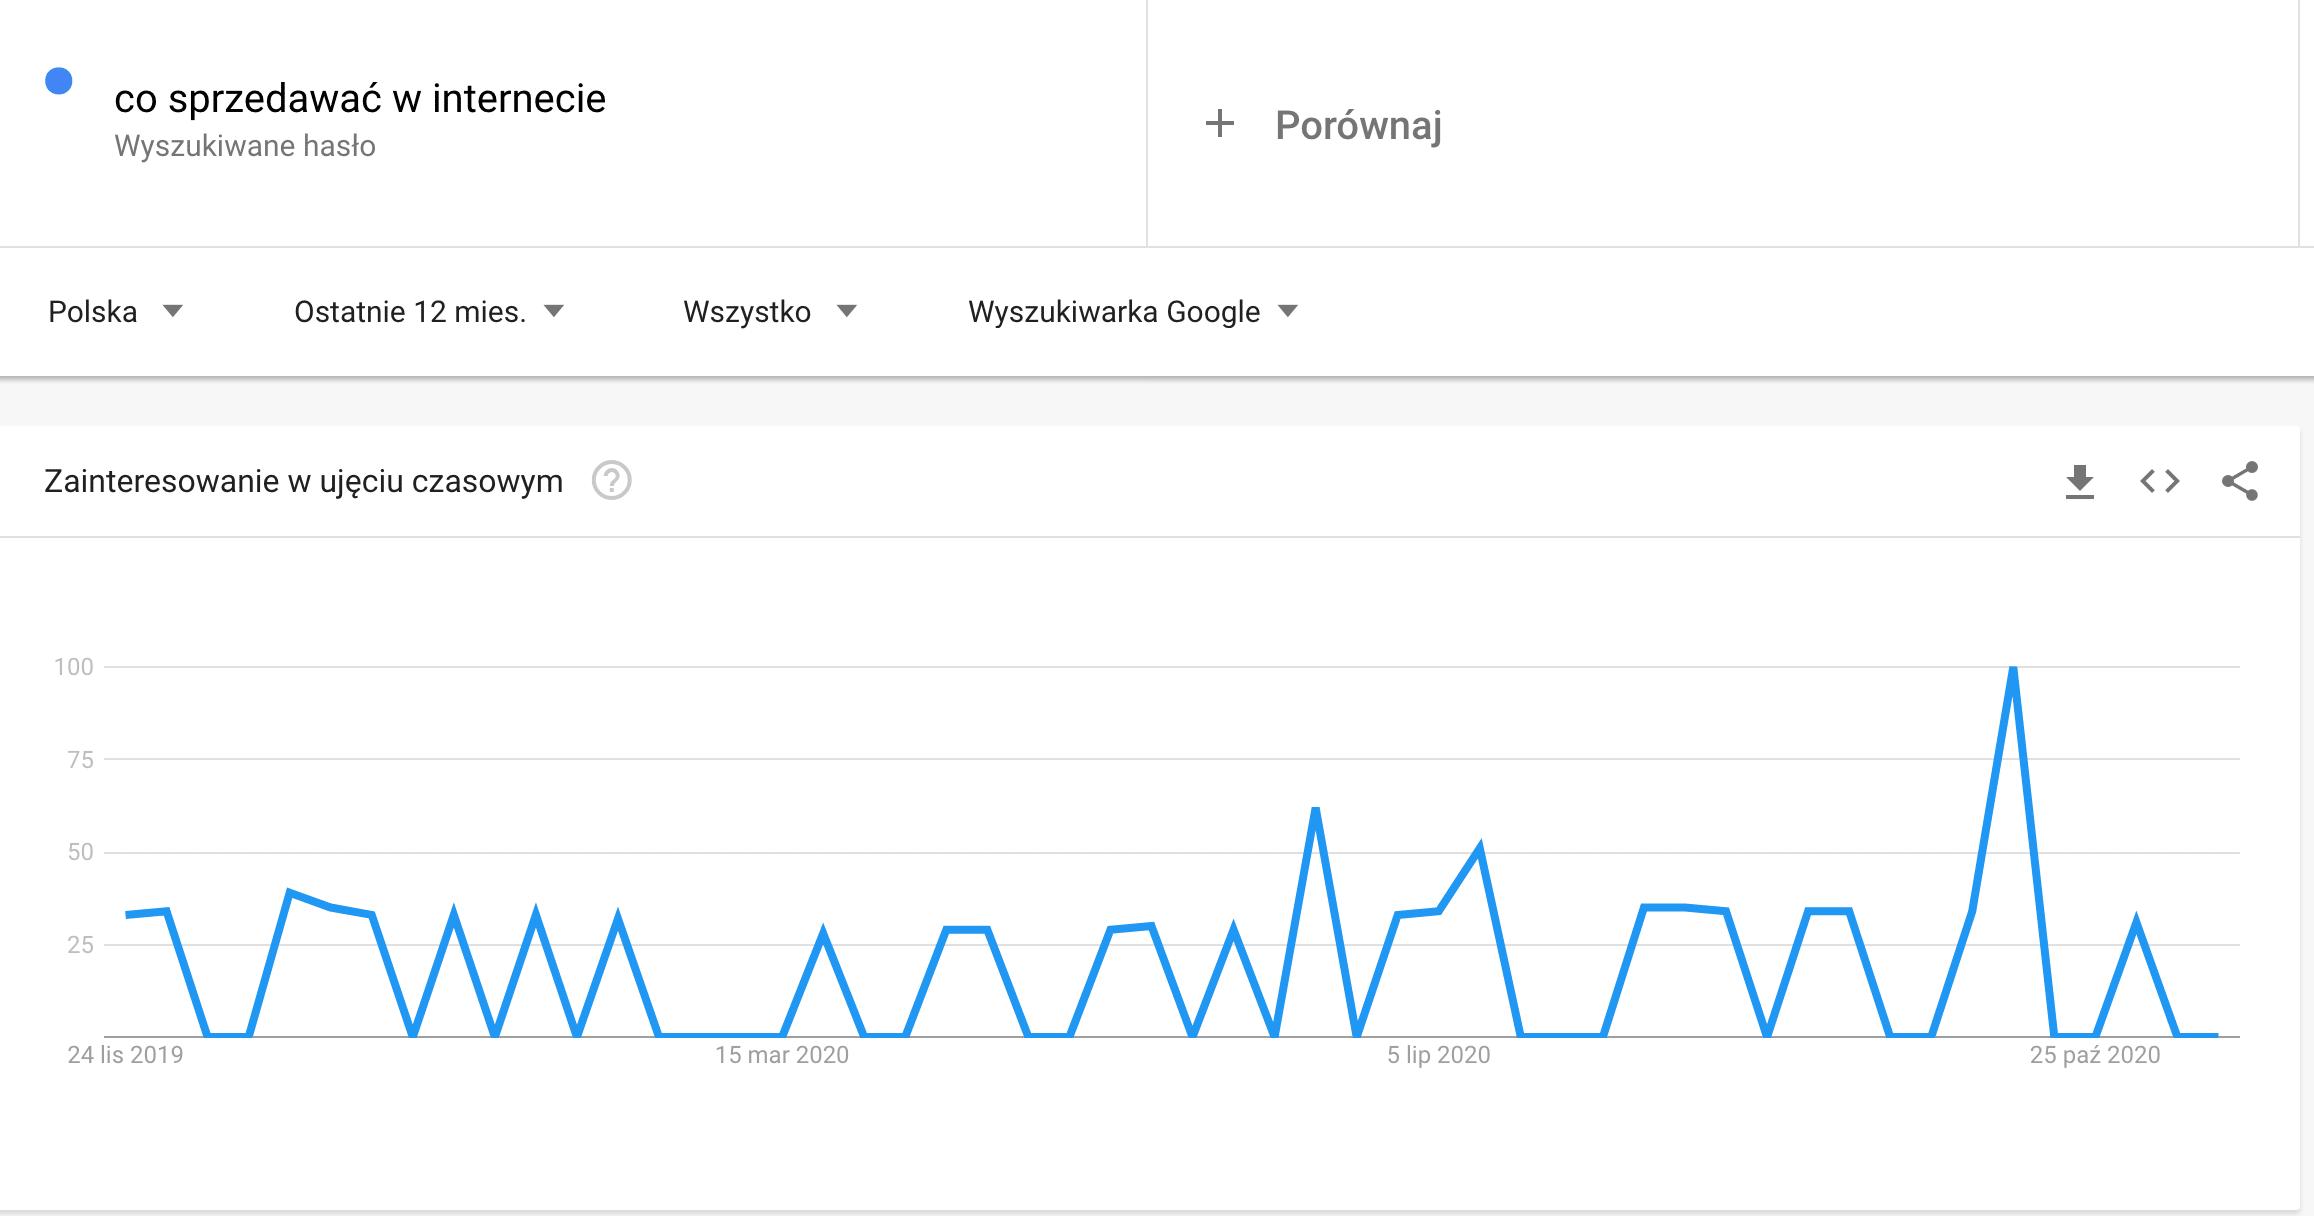 Co sprzedawać w internecie - Google Trends